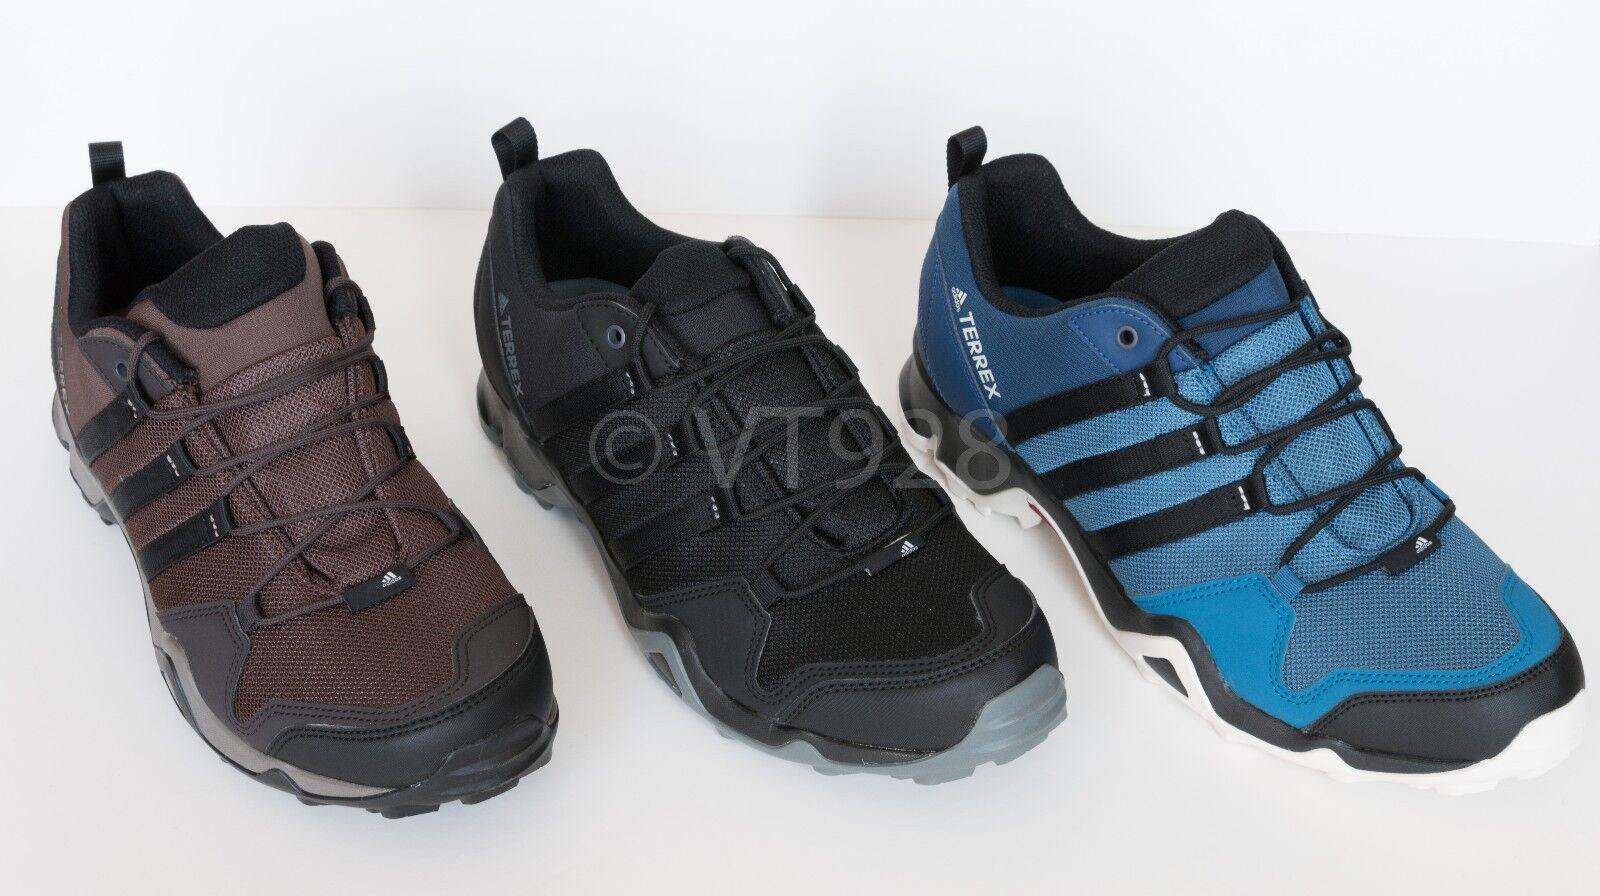 Nuove trekking adidas terrex ax2r sentiero trekking Nuove scarpe da uomo tutte le dimensioni di tutti i colori 525e93